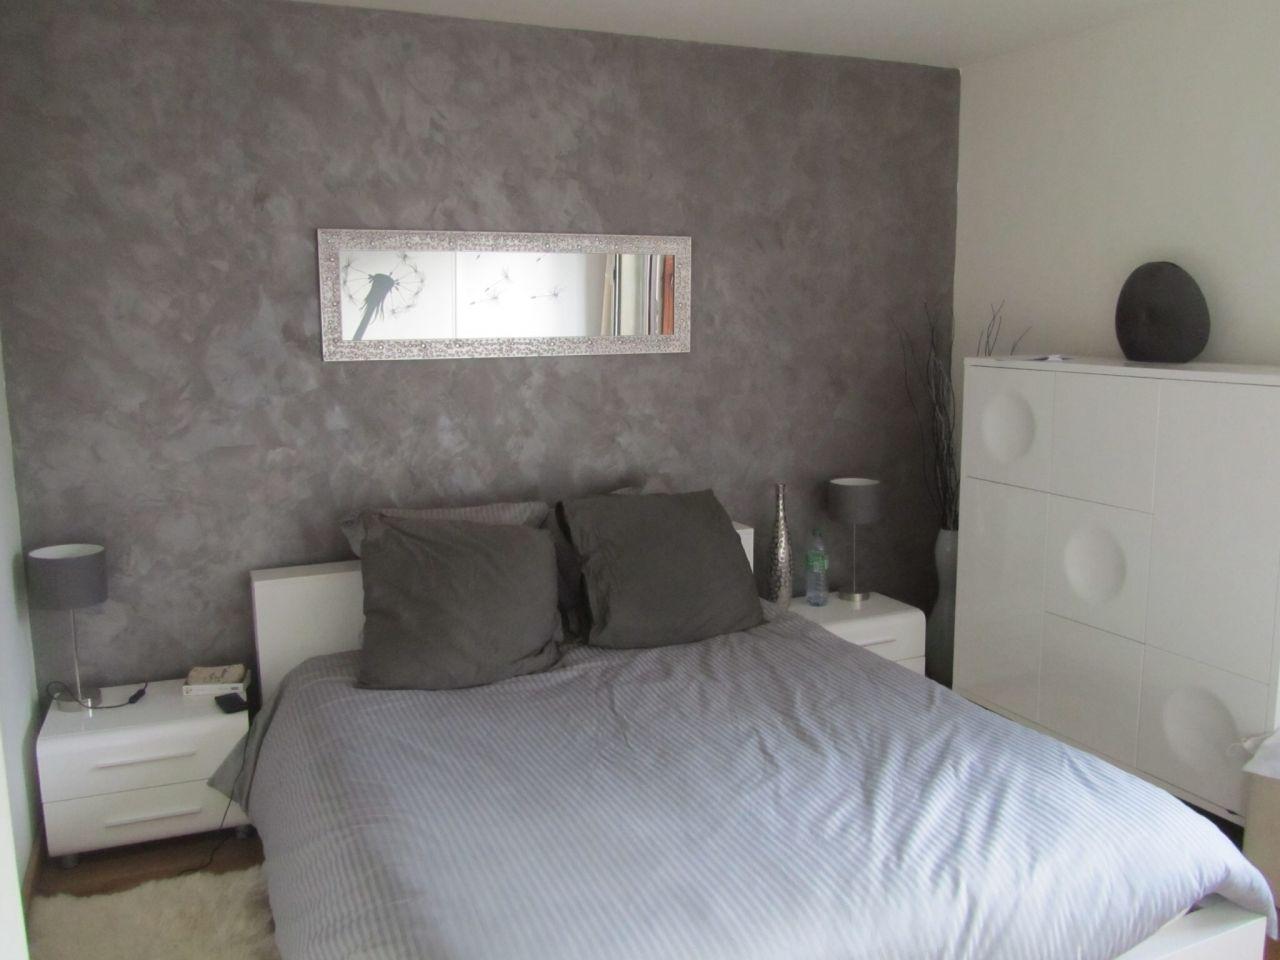 ambiance industrielle pour la chambre rennes ille et vilaine. Black Bedroom Furniture Sets. Home Design Ideas